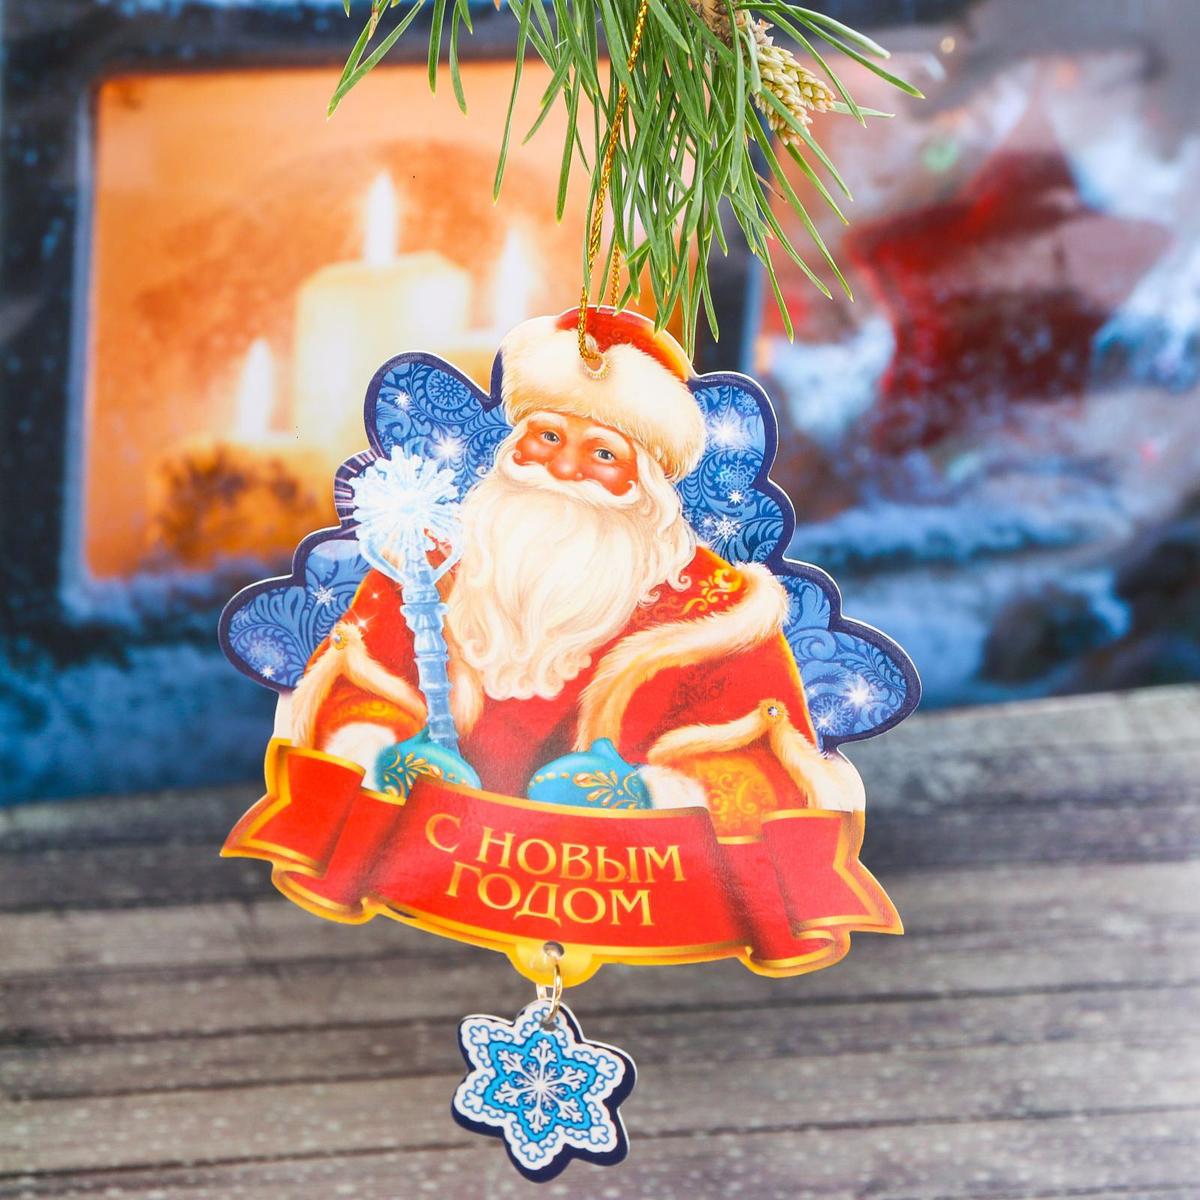 Набор новогодних подвесных украшений Sima-land Дед Мороз, 8,9 х 9,2 см, 2 шт2268142Набор новогодних подвесных украшений Sima-land отлично подойдет для декорации вашего дома и новогодней ели. С помощью специальной петельки украшение можно повесить в любом понравившемся вам месте. Но, конечно, удачнее всего оно будет смотреться на праздничной елке. Елочная игрушка - символ Нового года. Она несет в себе волшебство и красоту праздника. Создайте в своем доме атмосферу веселья и радости, украшая новогоднюю елку нарядными игрушками, которые будут из года в год накапливать теплоту воспоминаний.